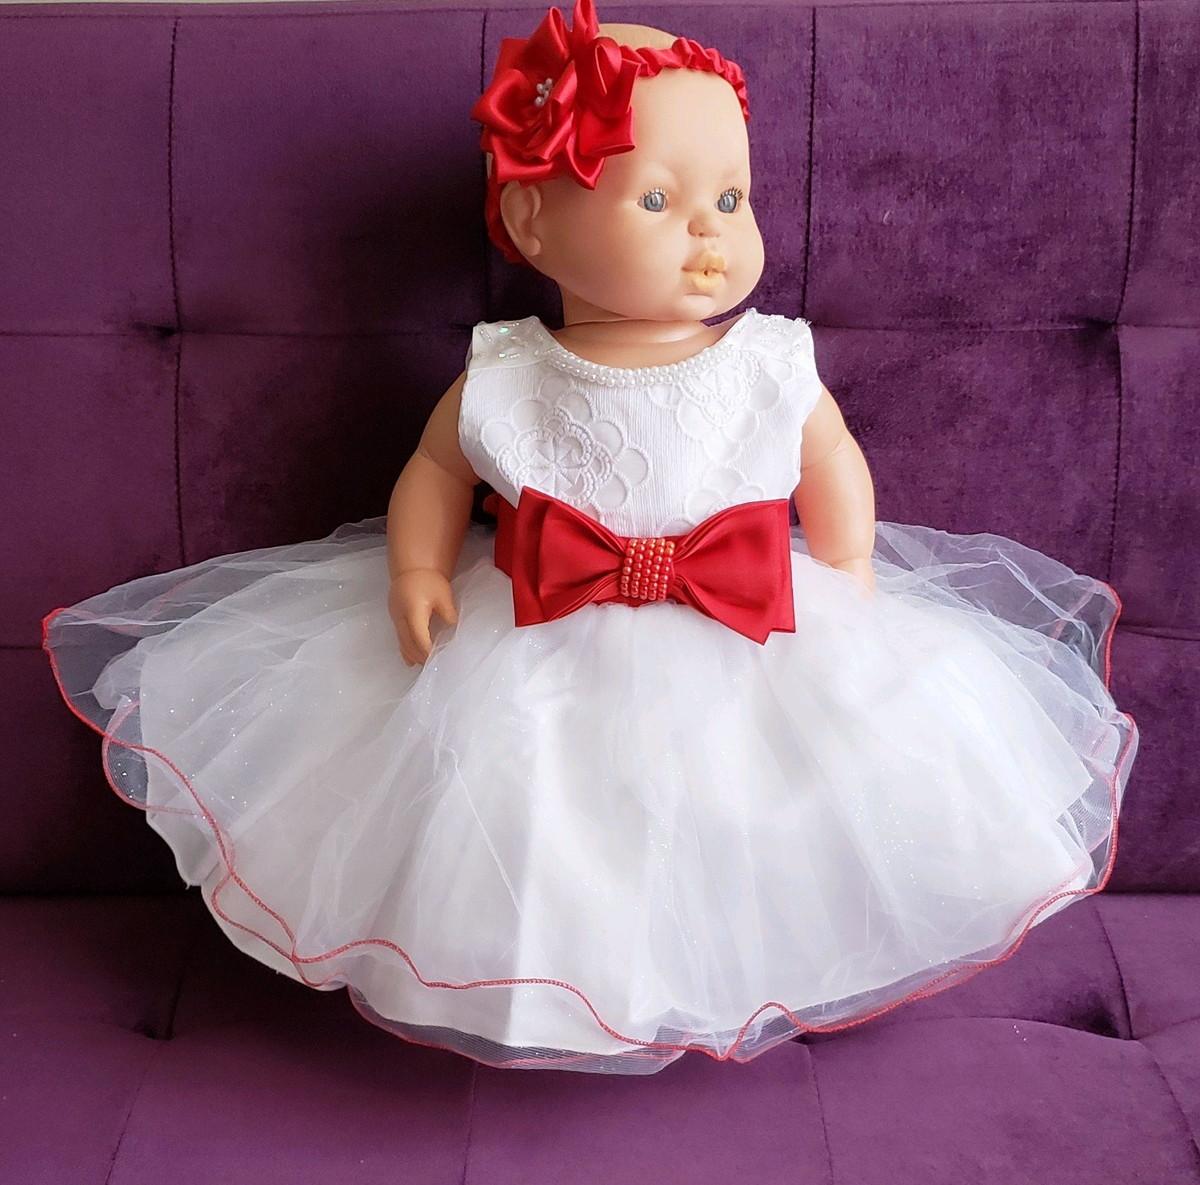 435c90990 Vestido festa branco e vermelho 5 a 8 meses promoção no Elo7